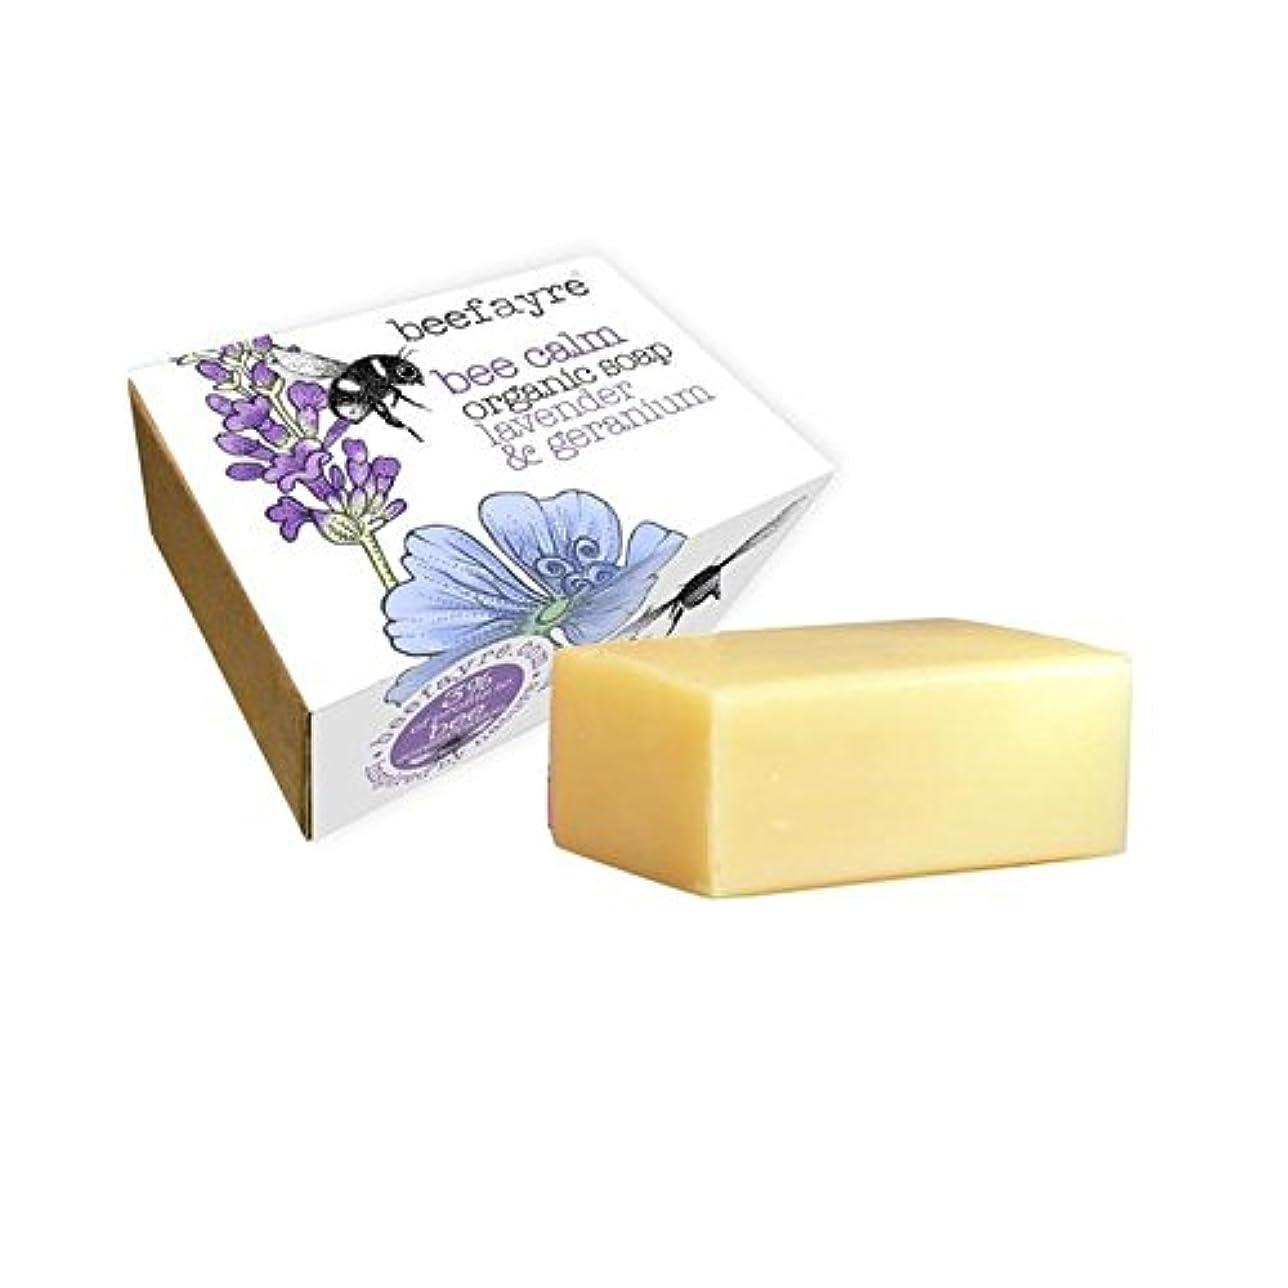 服教ピットBeefayre Organic Geranium & Lavender Soap - 有機ゼラニウム&ラベンダー石鹸 [並行輸入品]